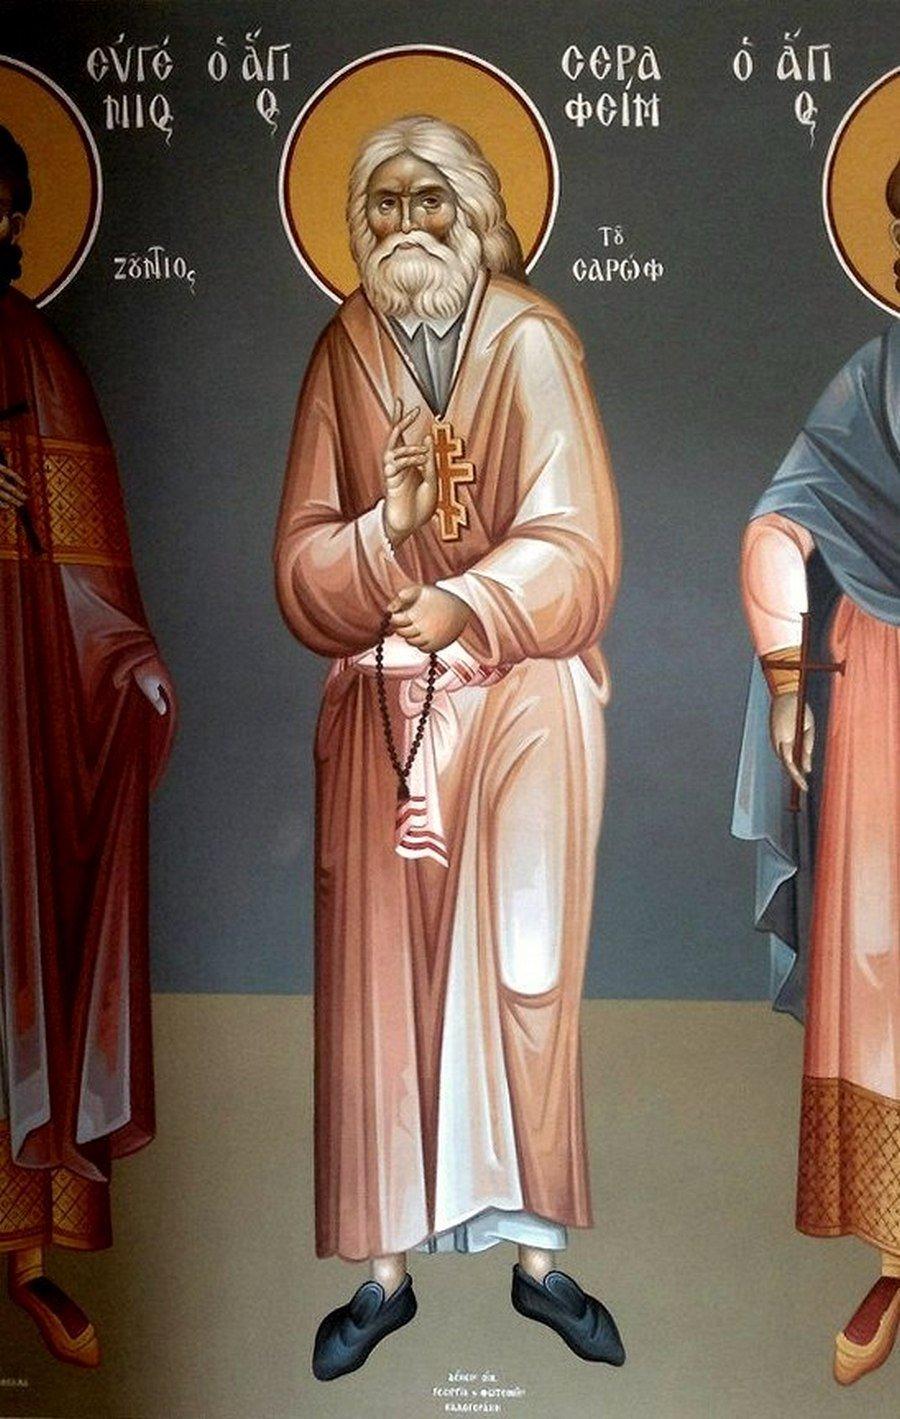 Святой Преподобный Серафим Саровский. Современная греческая фреска.